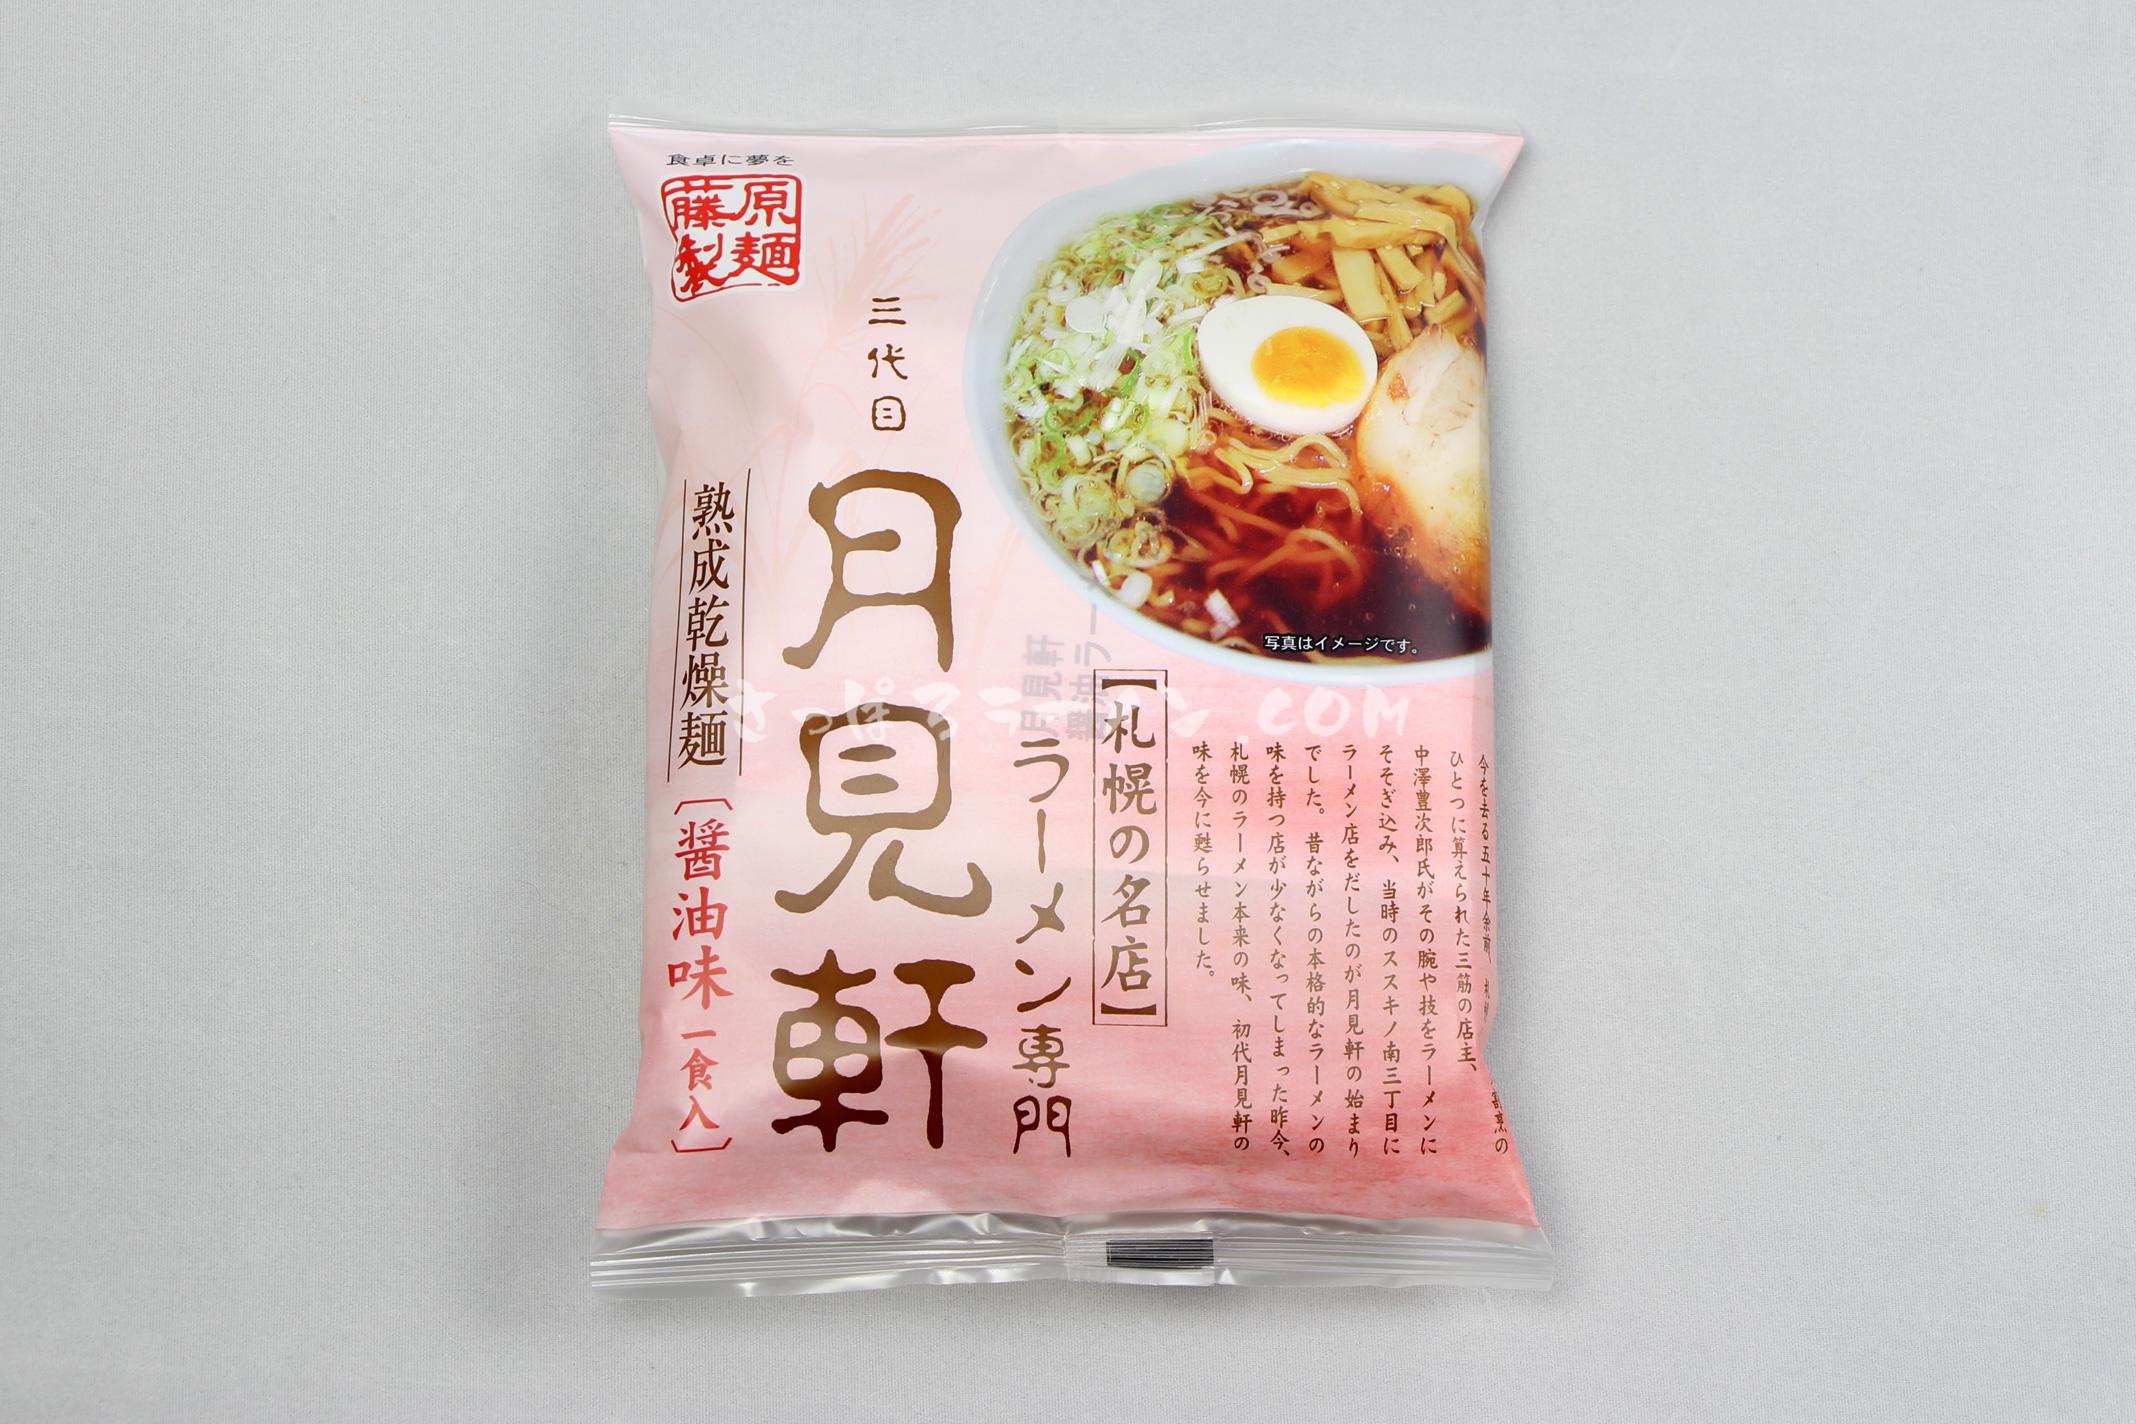 「ラーメン専門 三代目 月見軒 醬油味」(藤原製麺)のパッケージ(表)